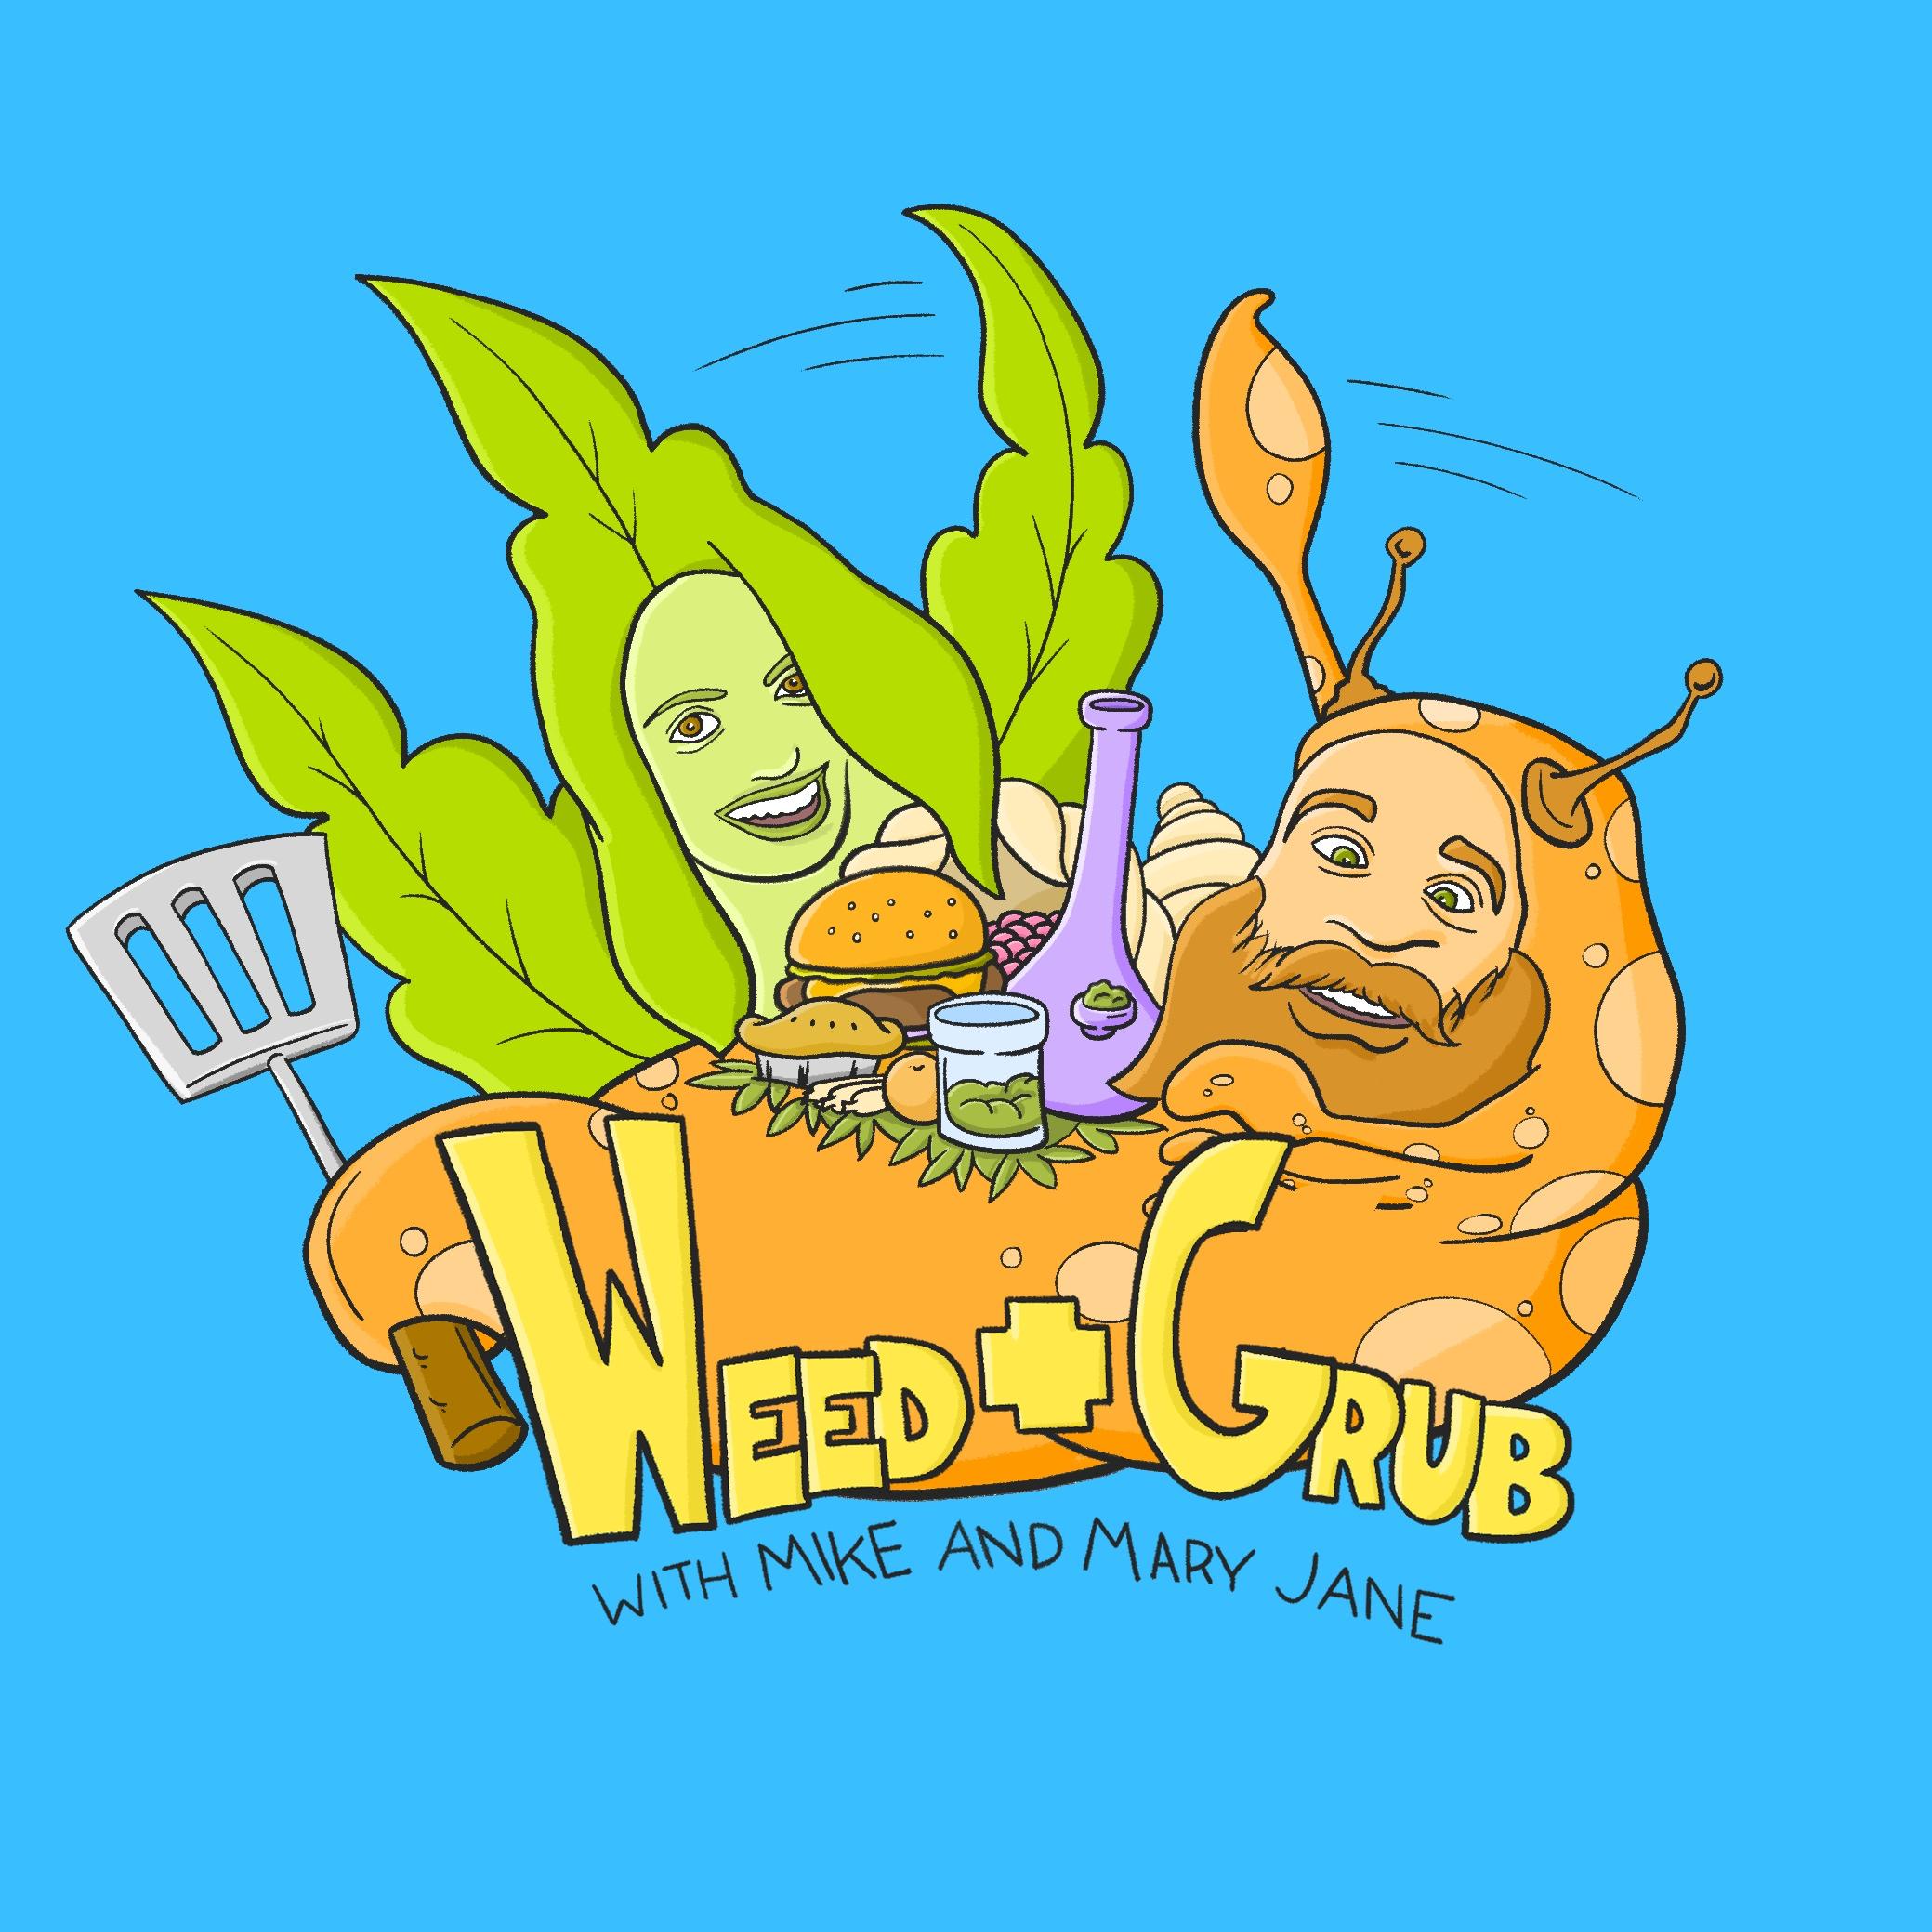 Weed + Grub.